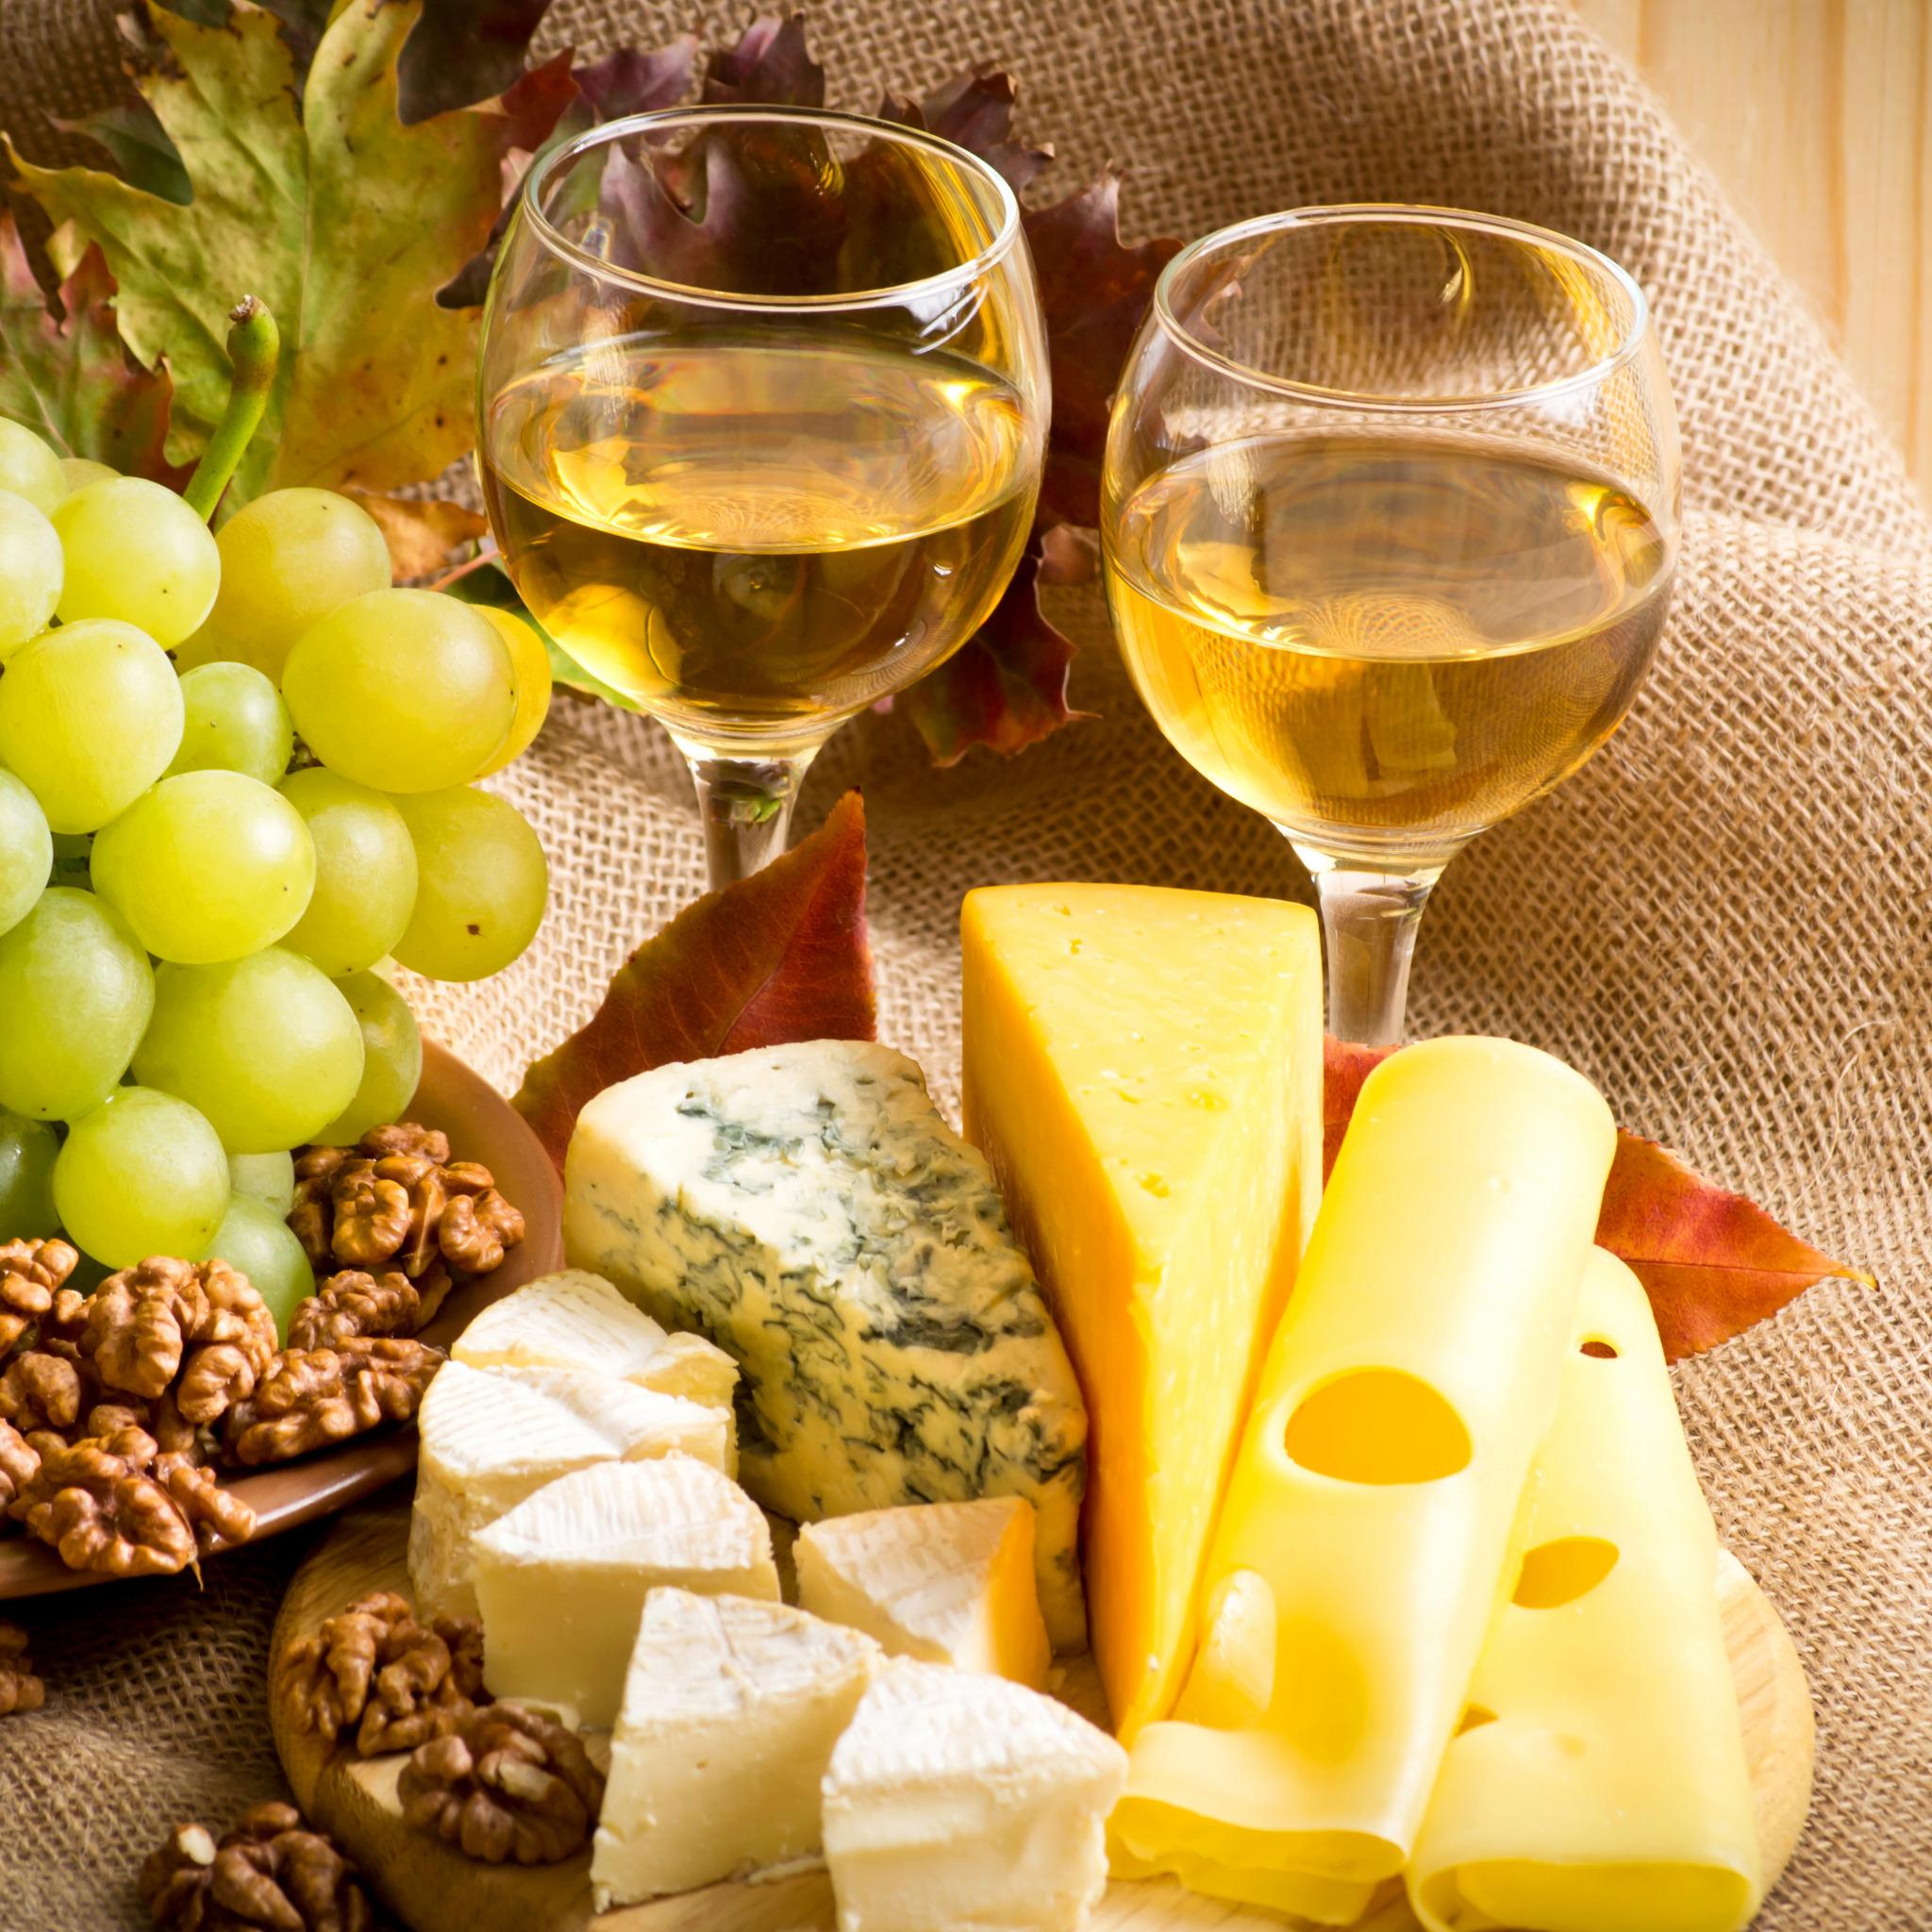 сыр мед вино картинки чтобы рисунка